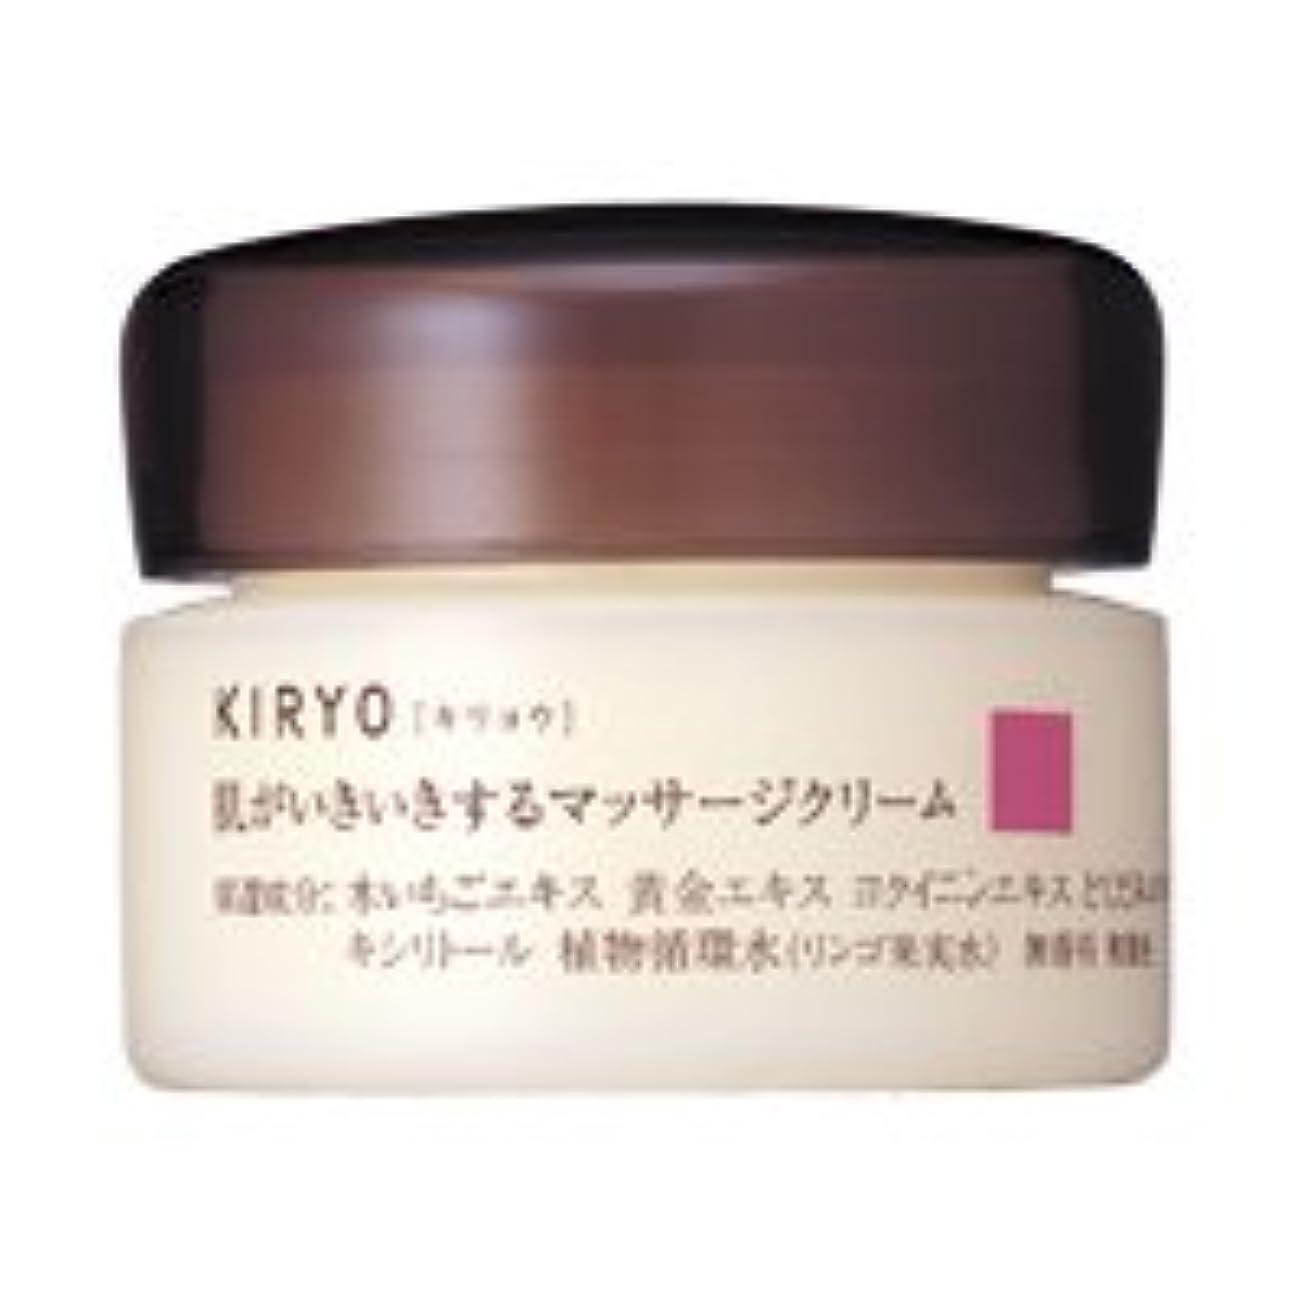 着実にカスタムヒット【資生堂】キリョウ マッサージクリーム 100g